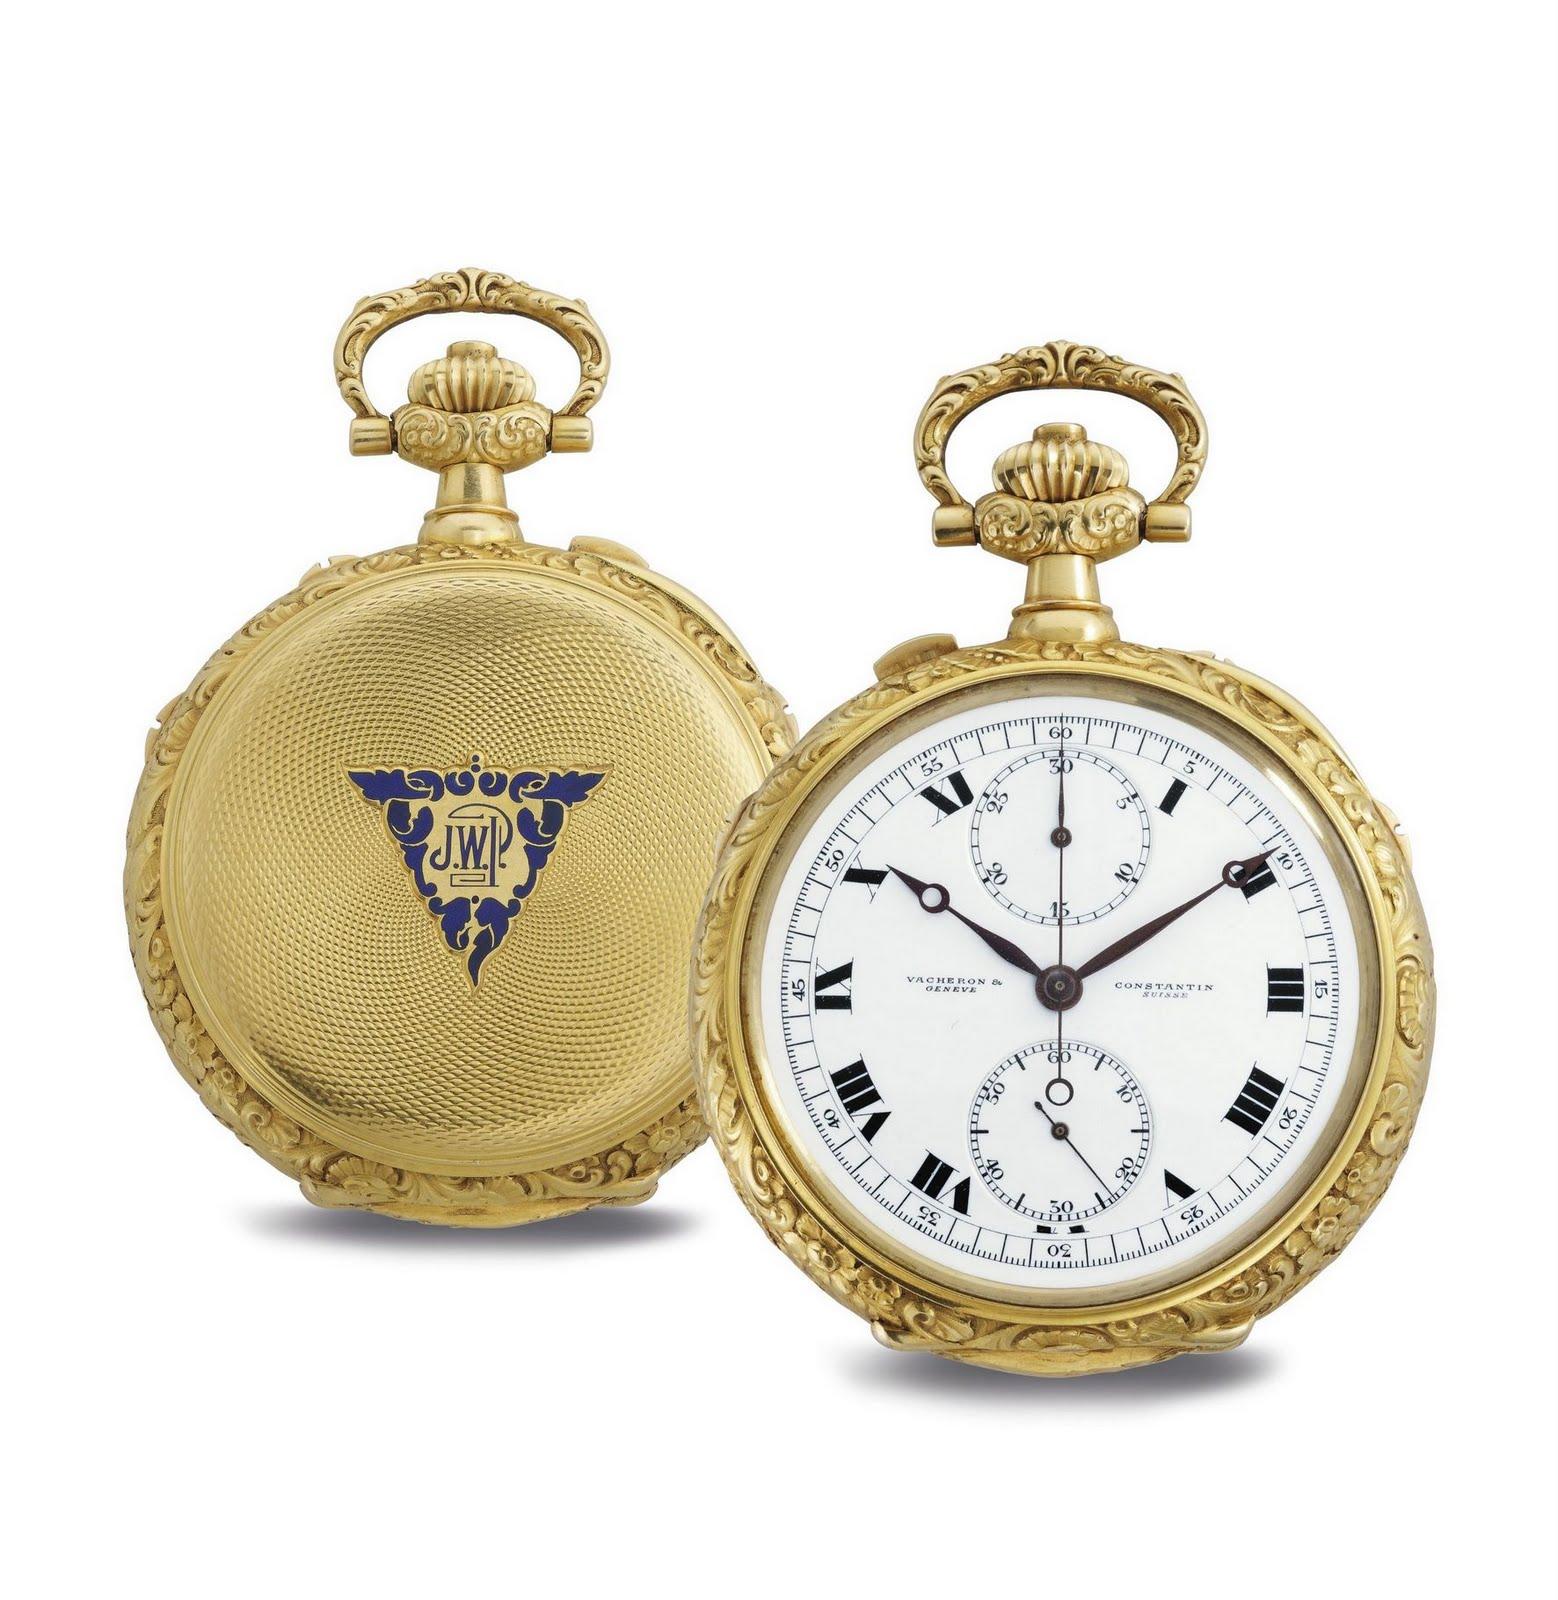 f3245f43853 Estação Cronográfica  Relógio de bolso Vacheron Constantin atinge 1 ...